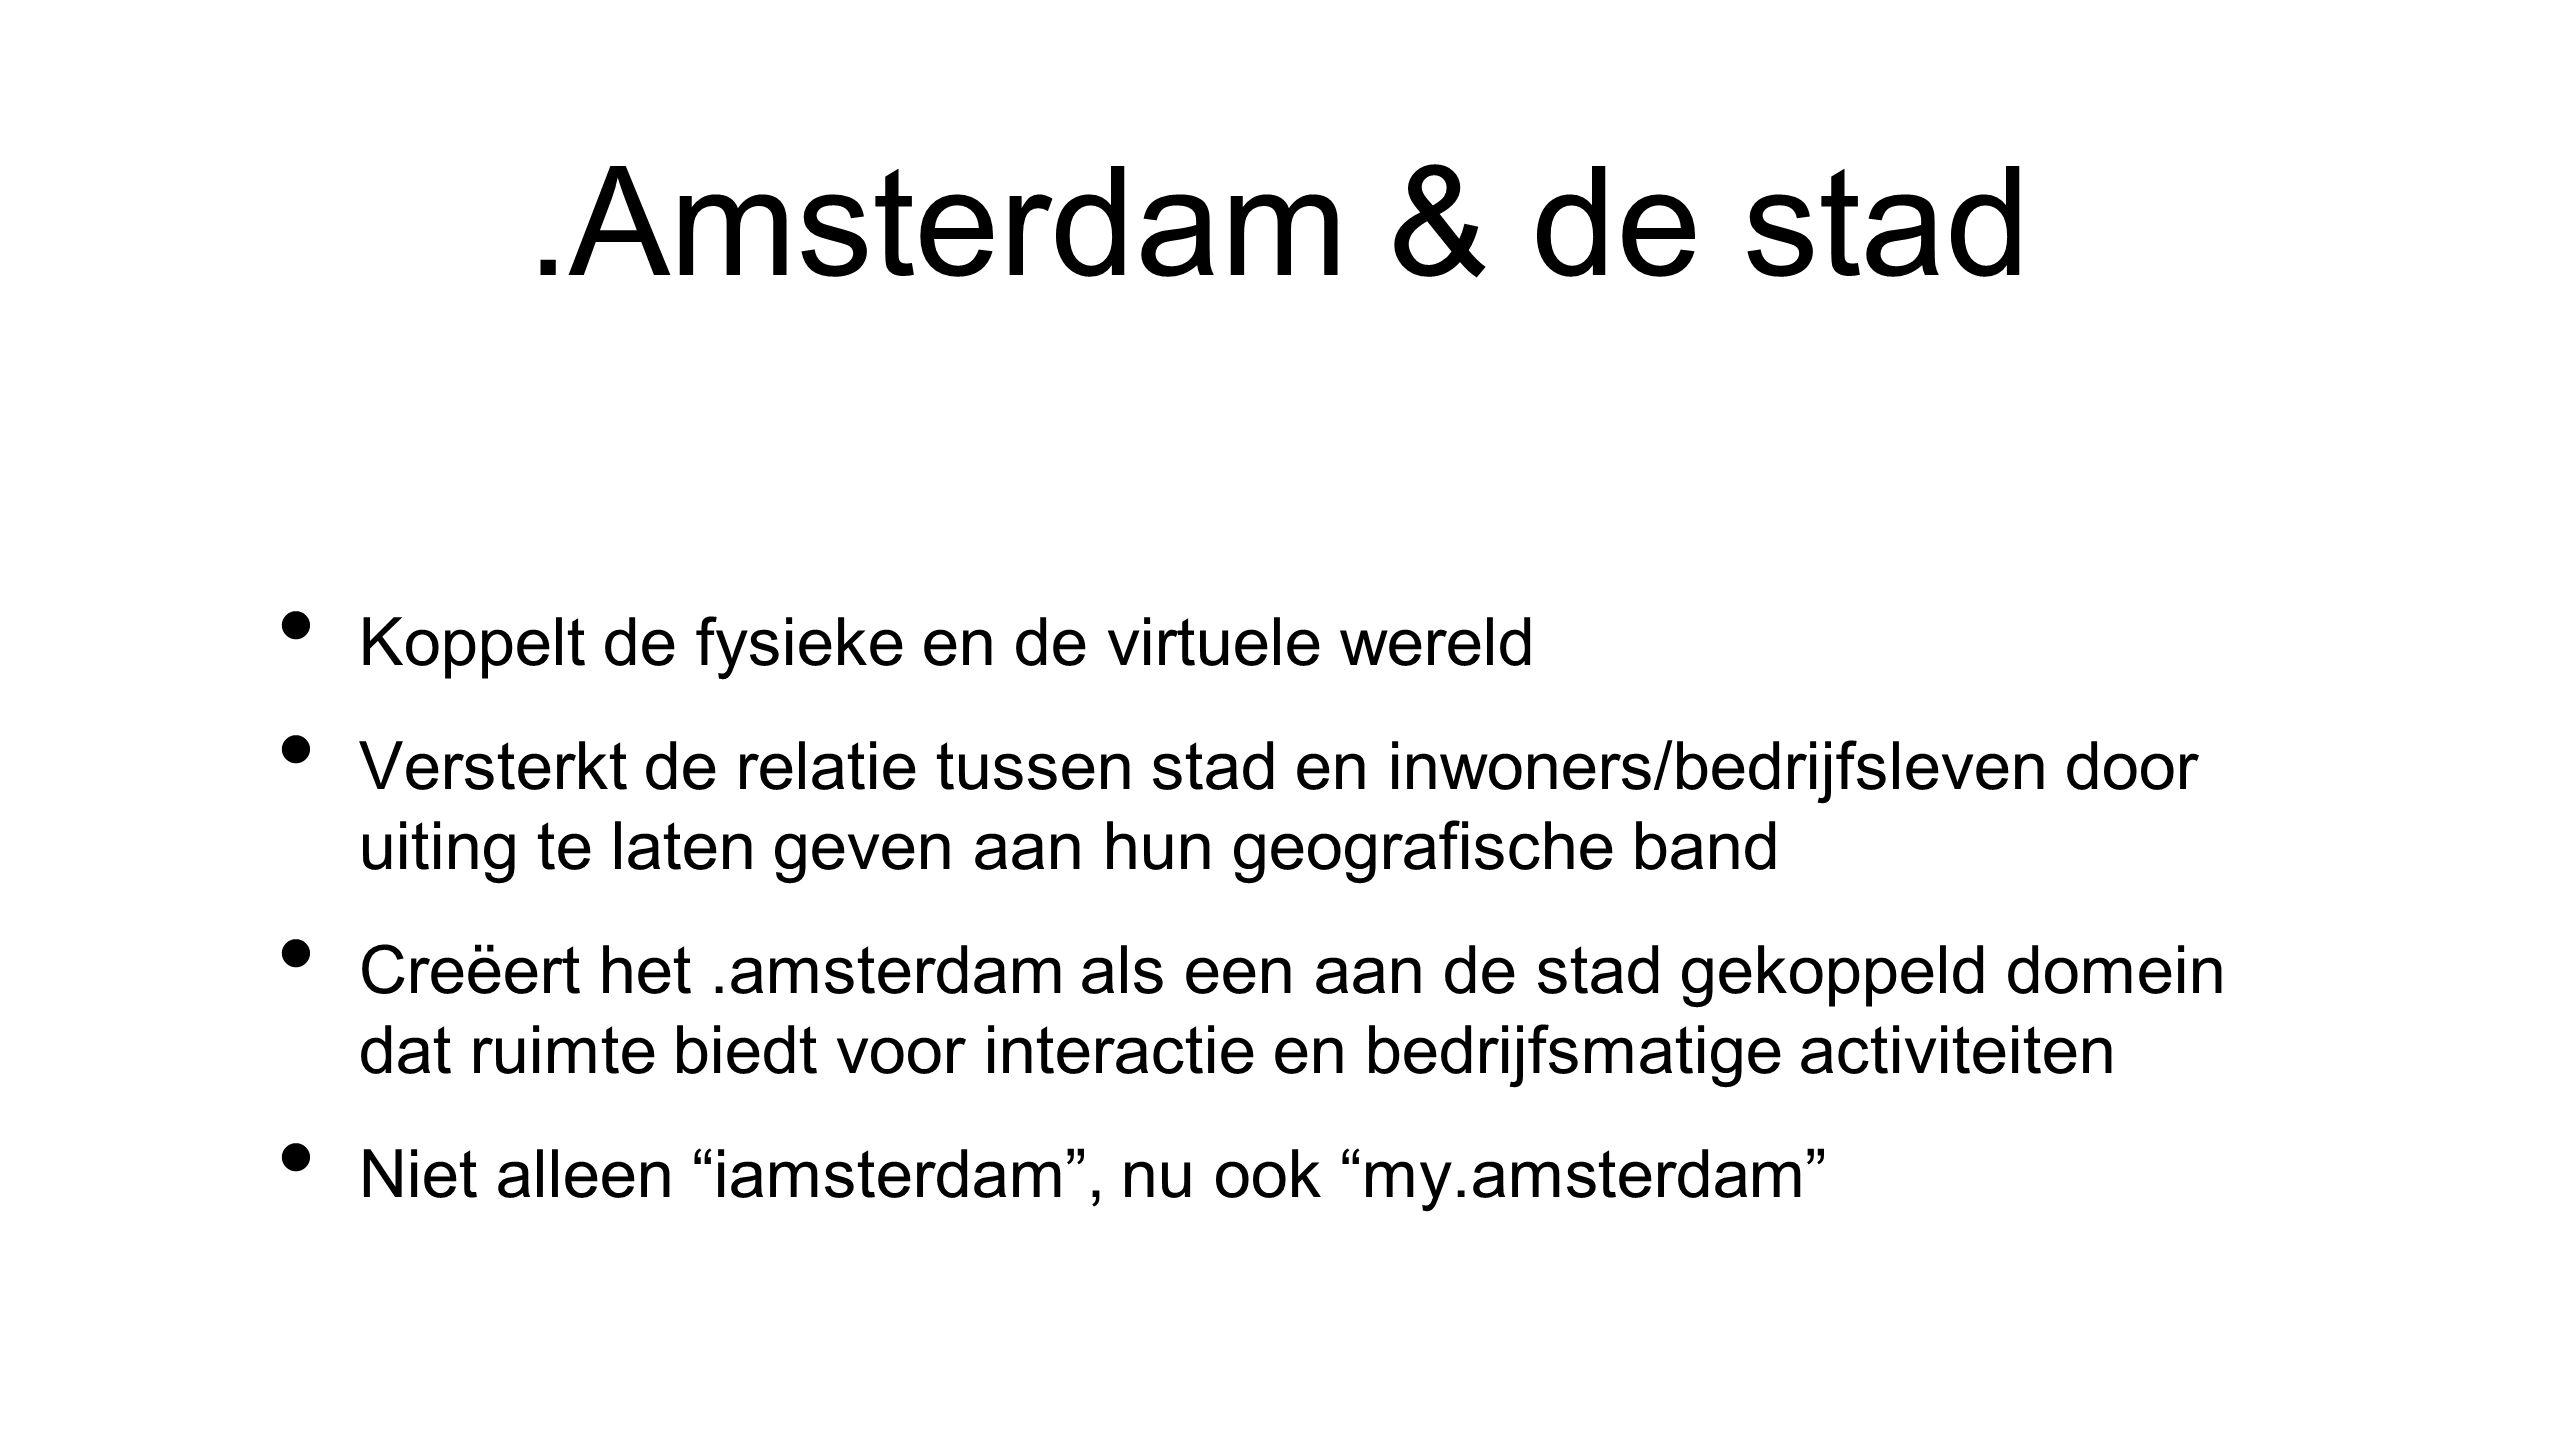 .Amsterdam & de stad • Koppelt de fysieke en de virtuele wereld • Versterkt de relatie tussen stad en inwoners/bedrijfsleven door uiting te laten geven aan hun geografische band • Creëert het.amsterdam als een aan de stad gekoppeld domein dat ruimte biedt voor interactie en bedrijfsmatige activiteiten • Niet alleen iamsterdam , nu ook my.amsterdam